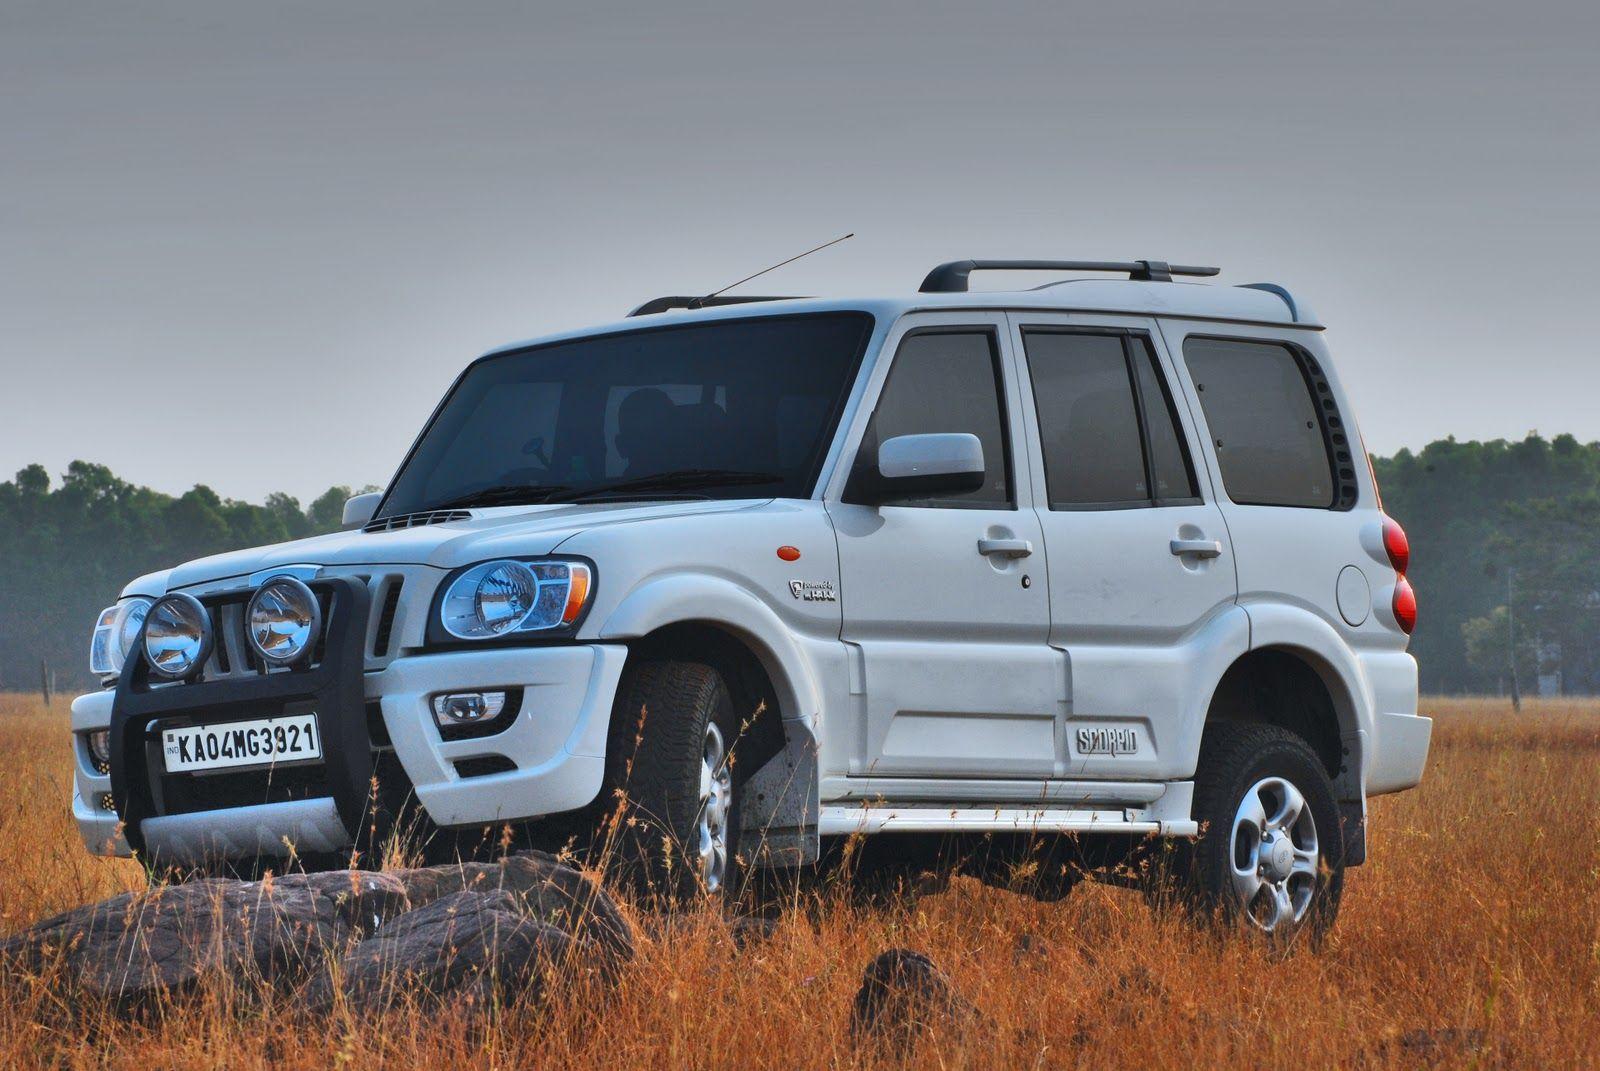 Mahindra Scorpio Car Photos Hd Car Backgrounds Scorpio Car